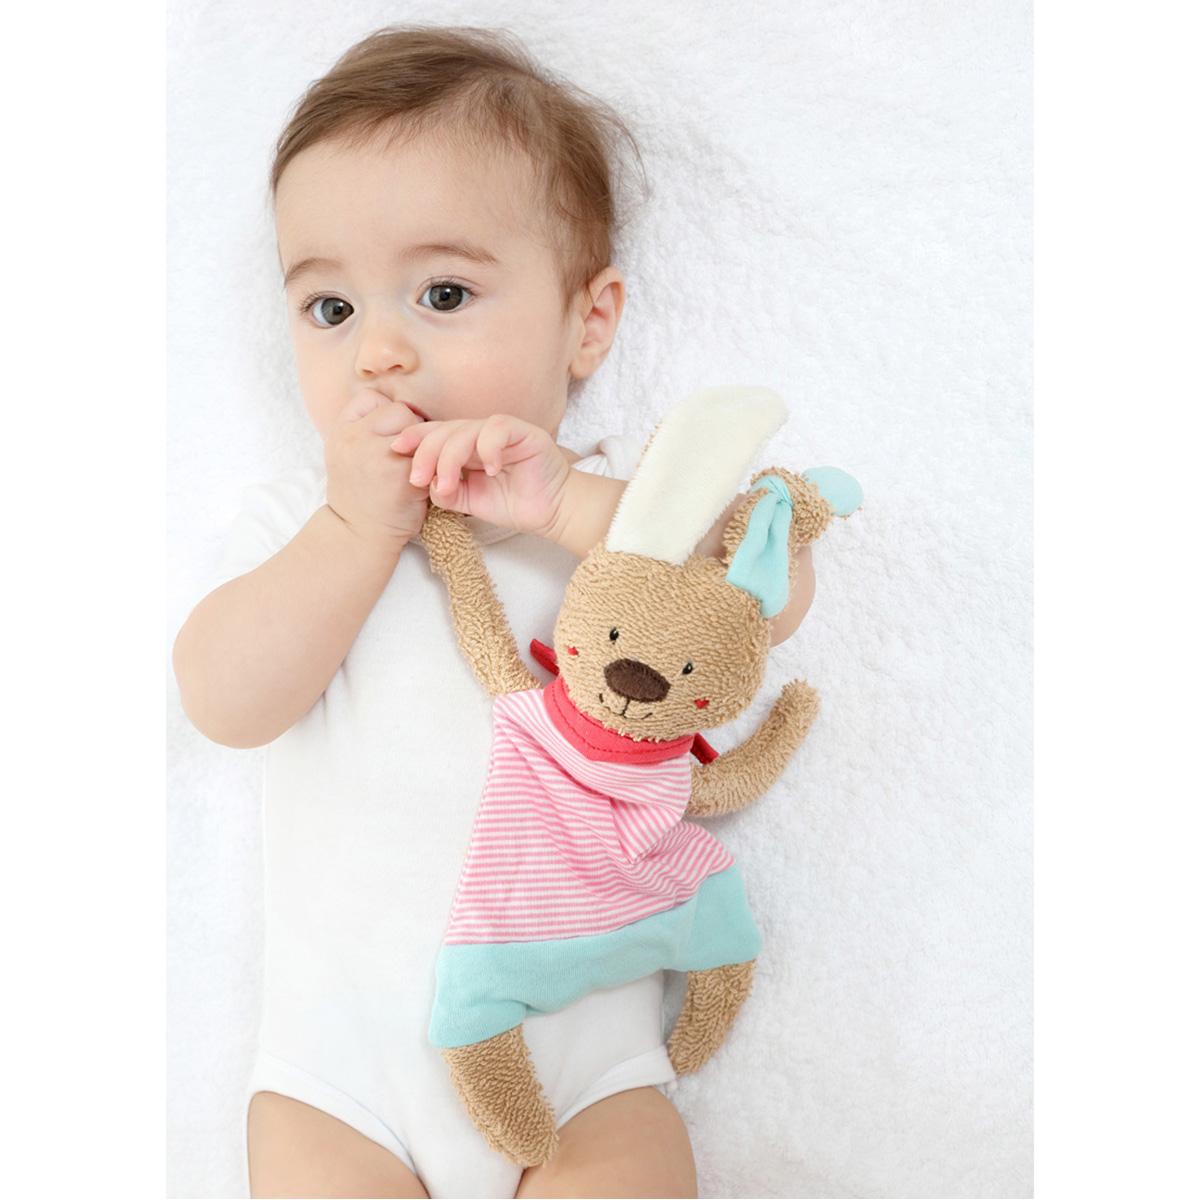 【新商品】赤ちゃんのための布製遊具のご紹介